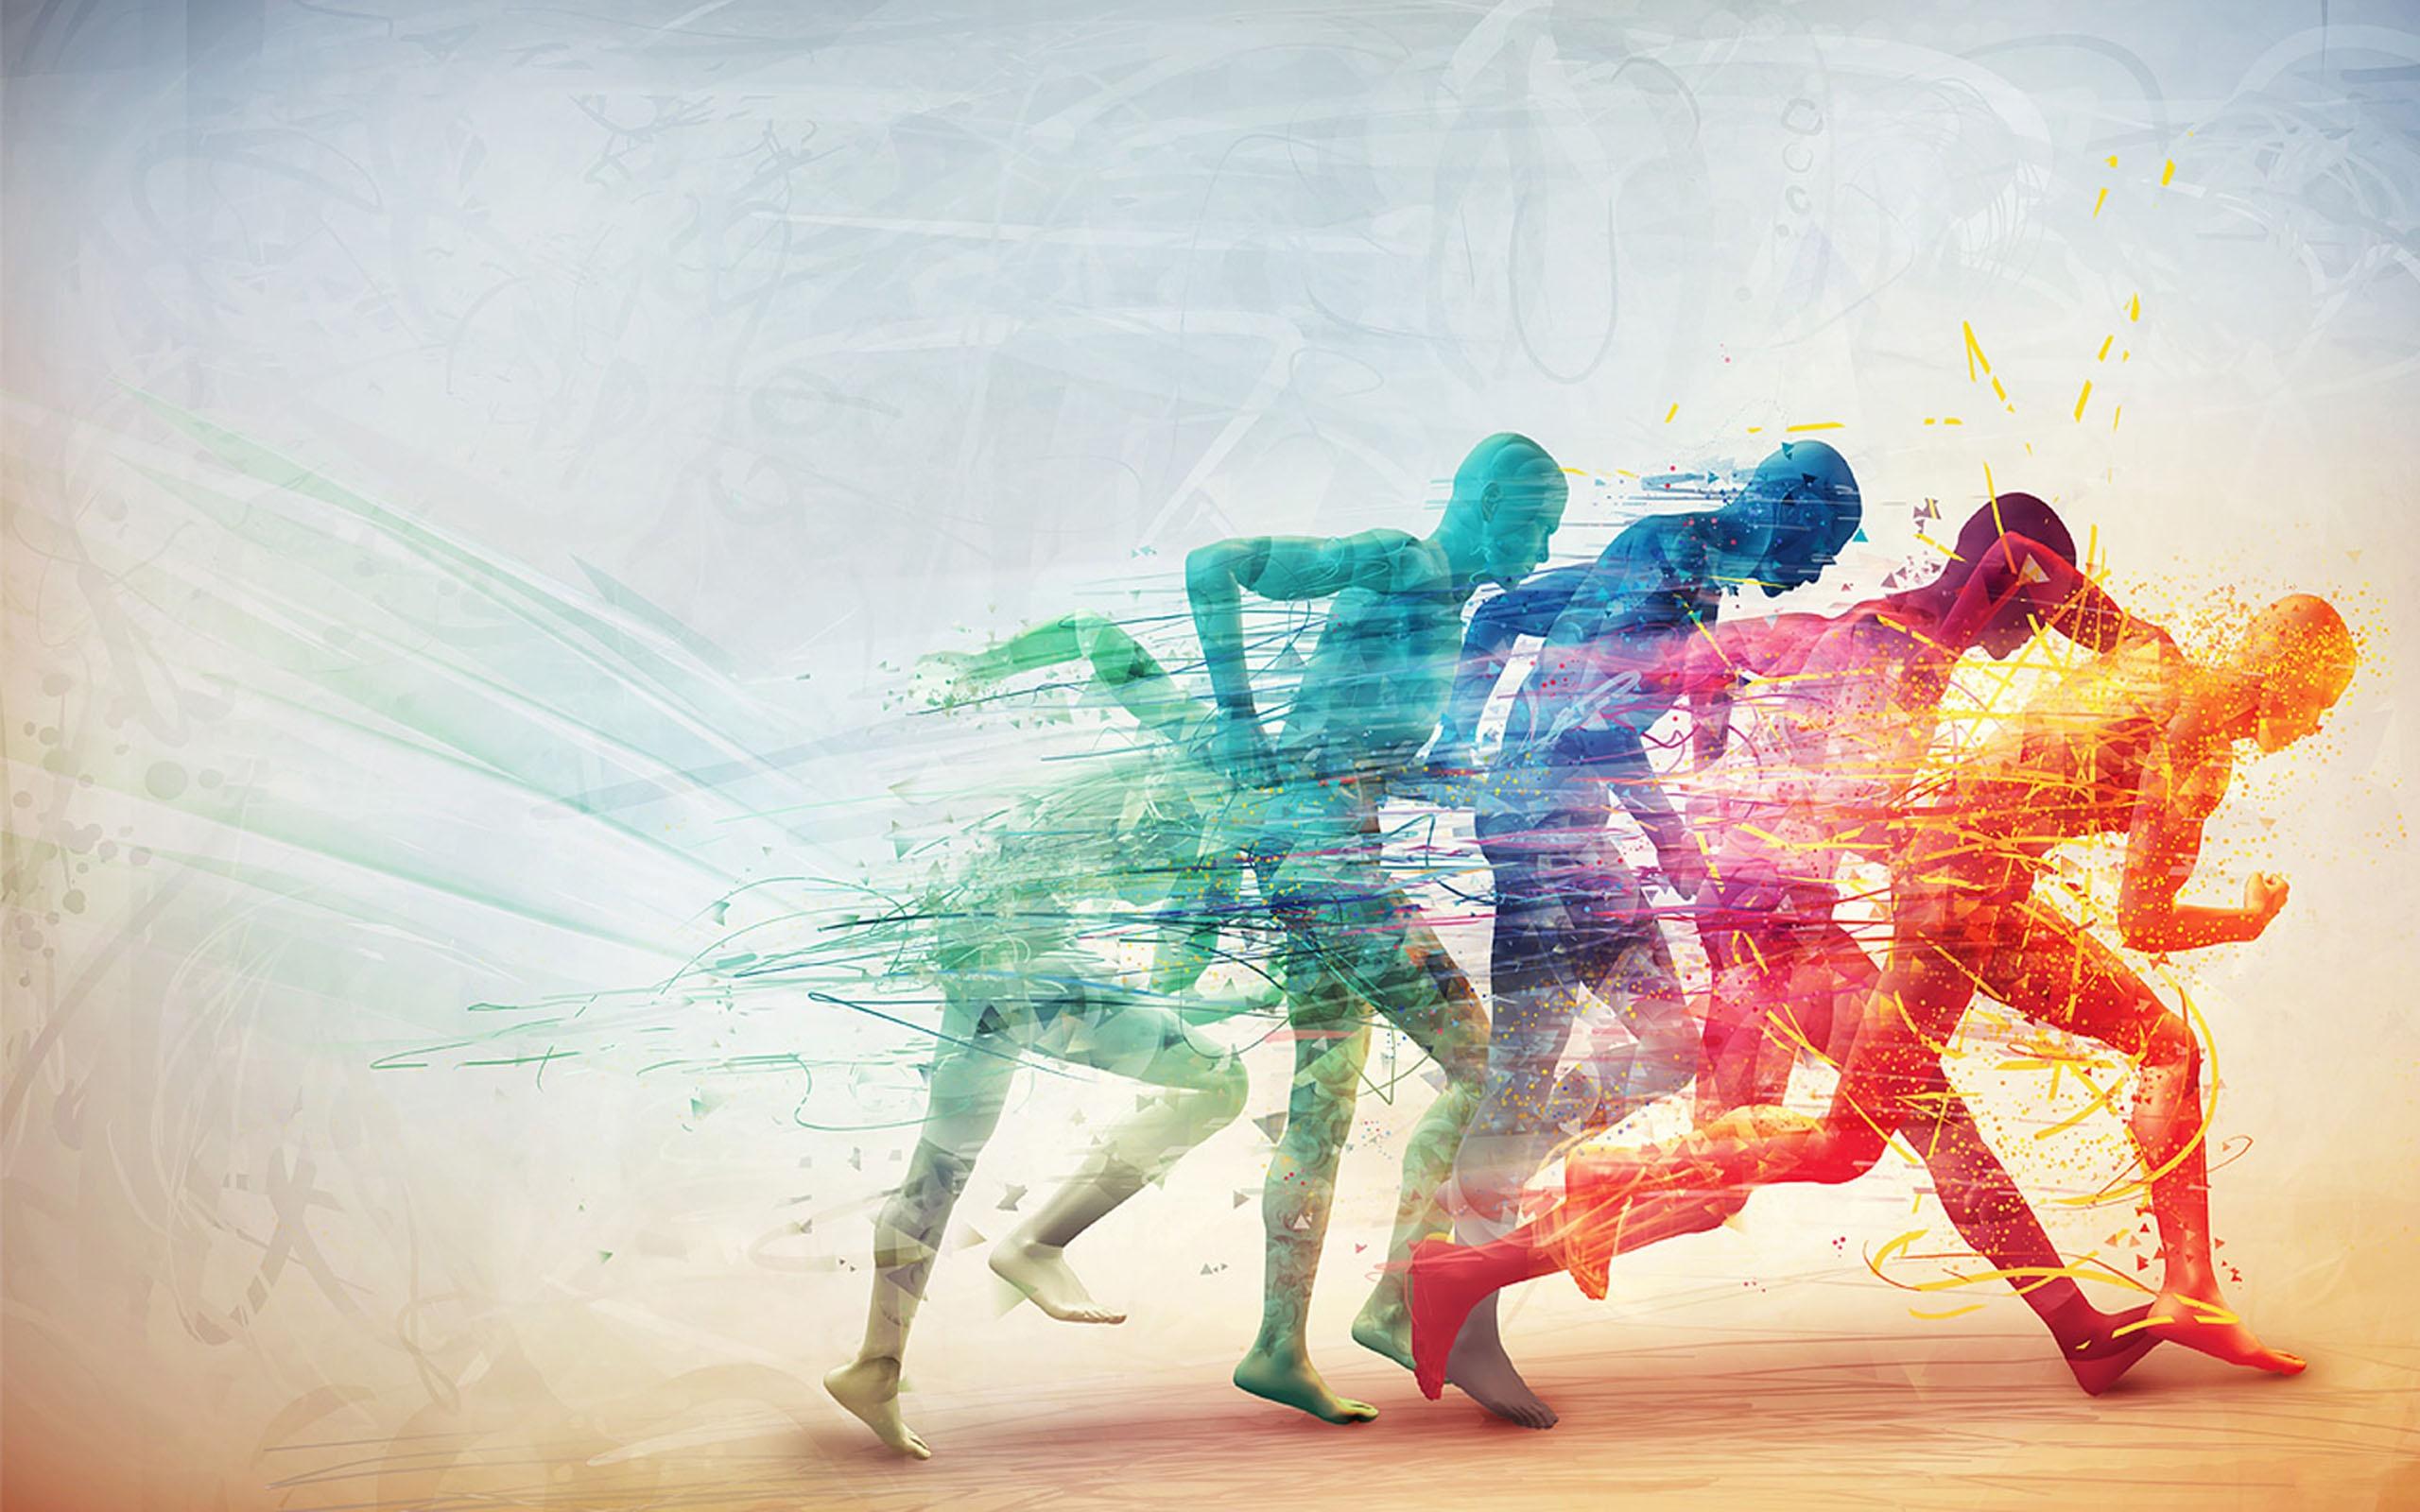 Outdoor Running Vs Treadmill 2560x1600 Wallpaper   HQ Wallpapers 2560x1600